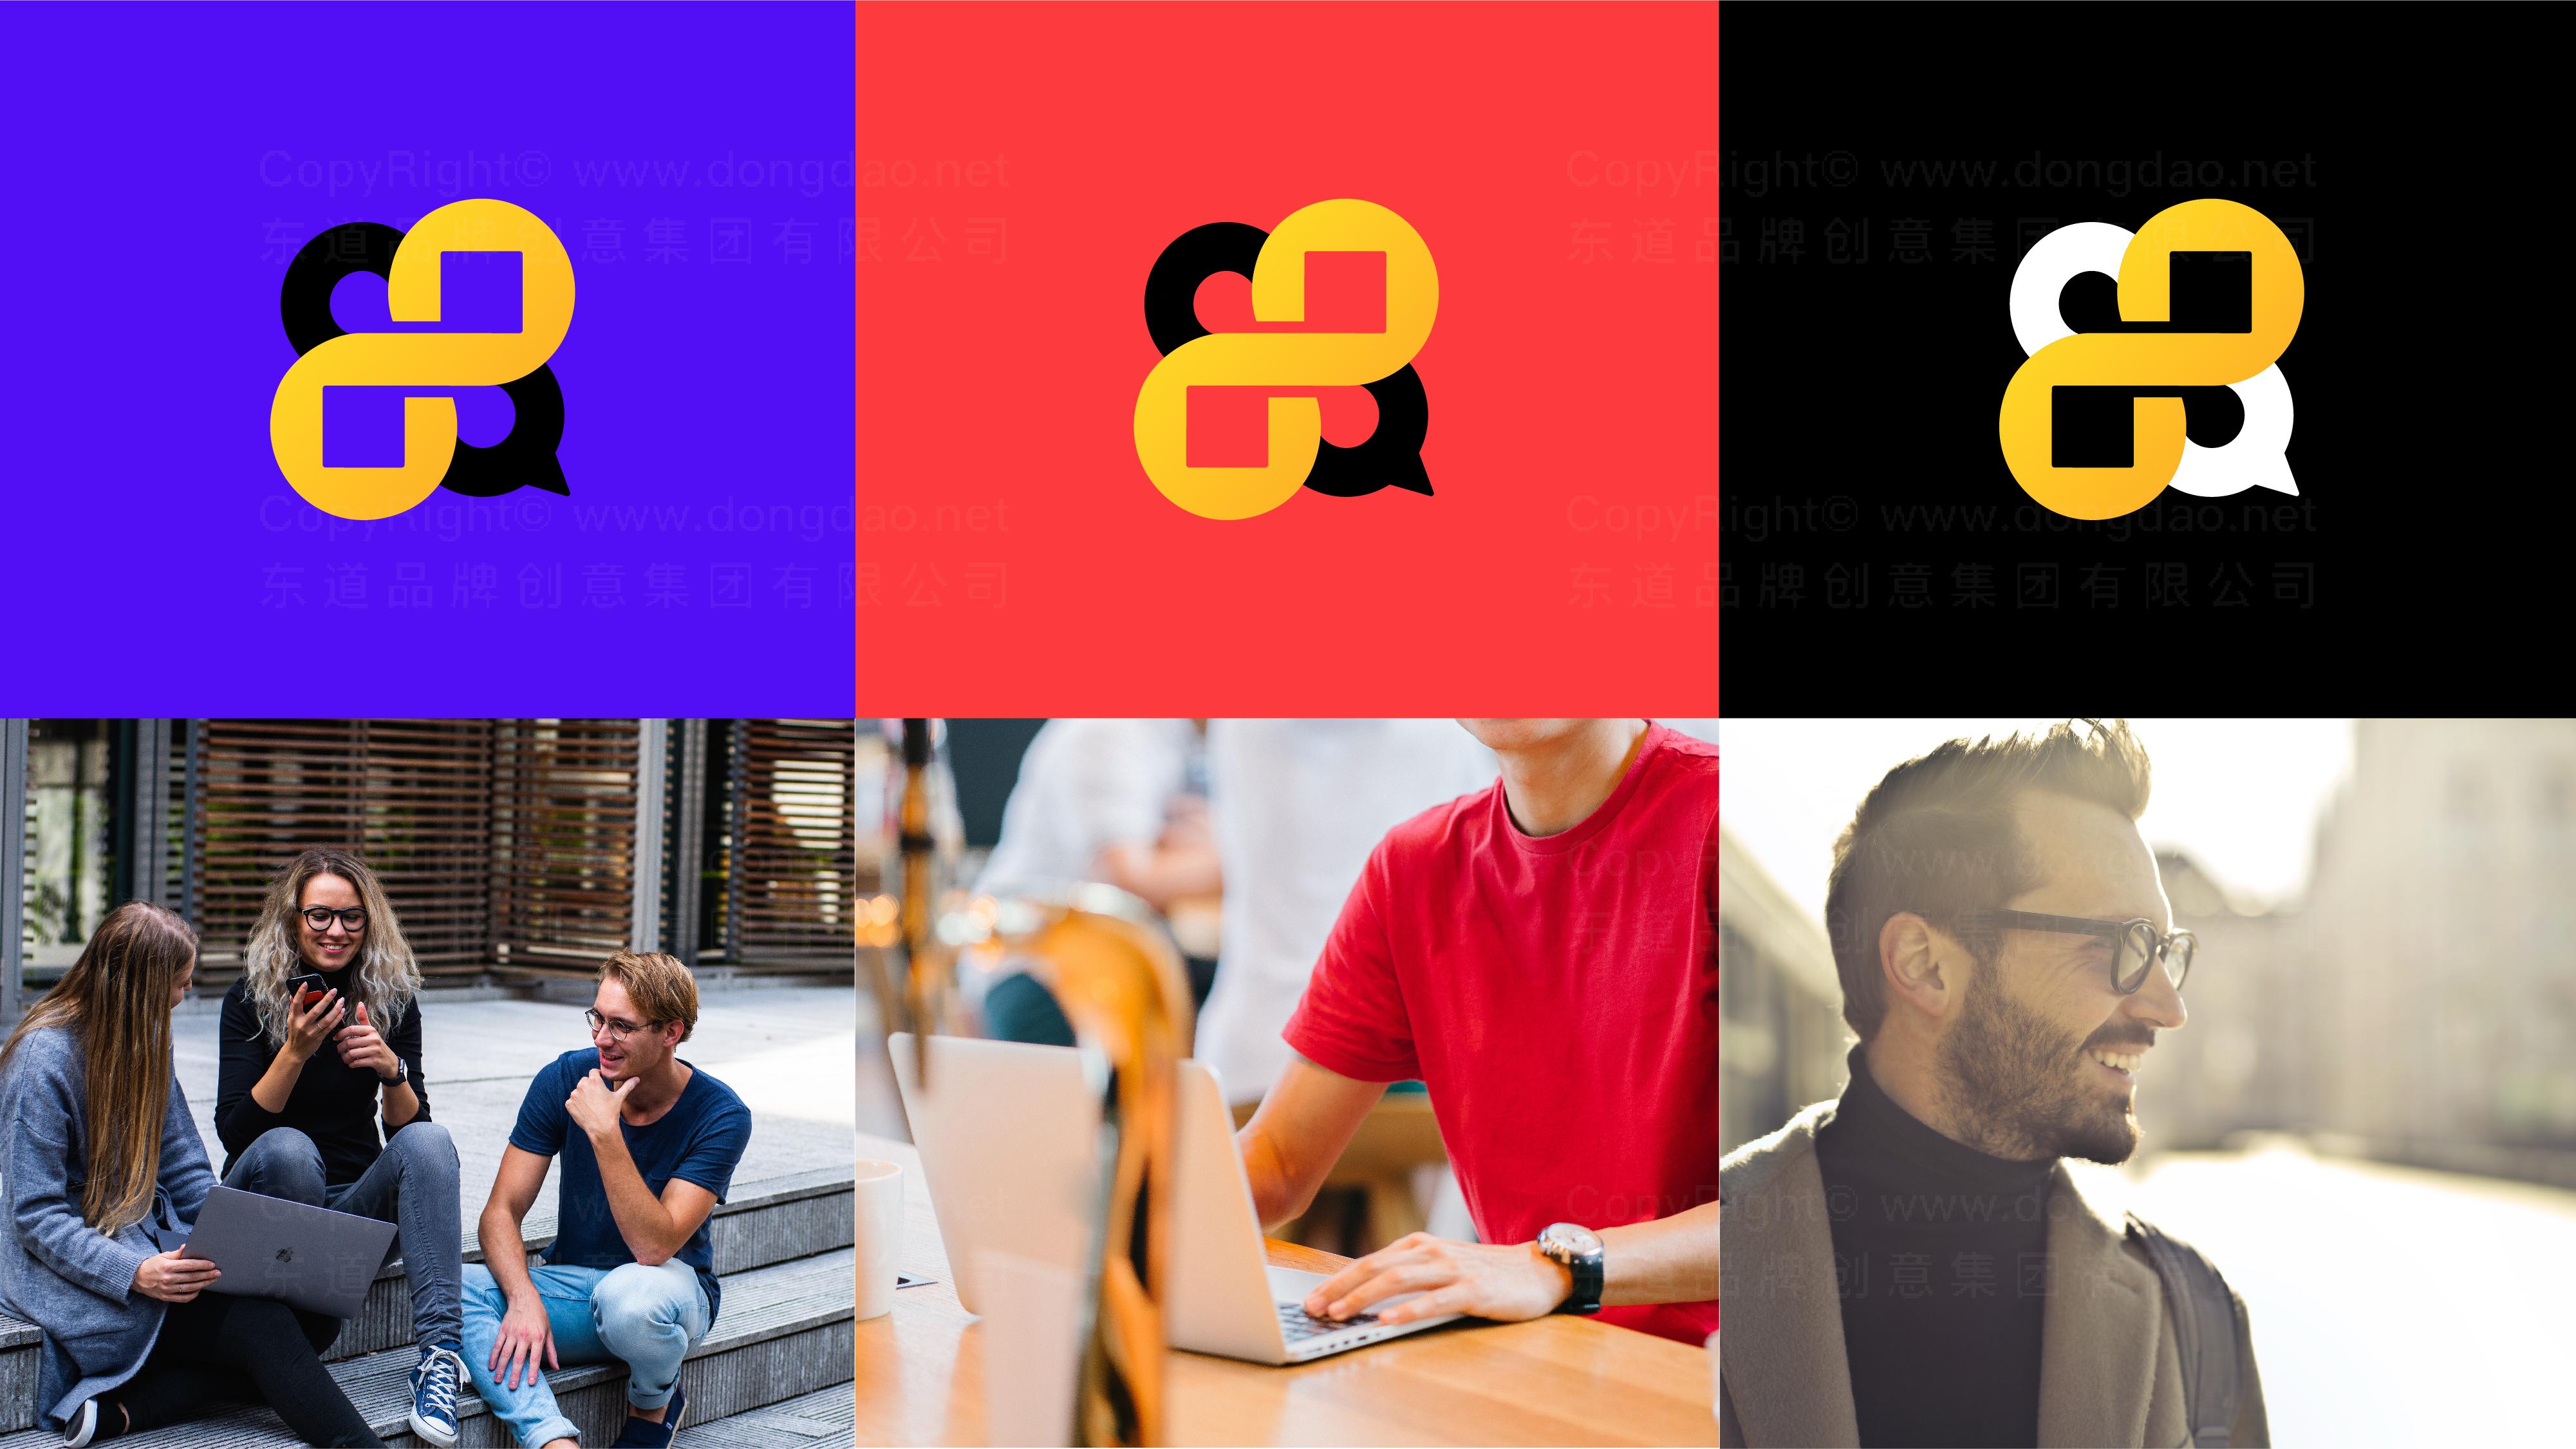 品牌设计蜂蜂贷LOGO&VI设计应用场景